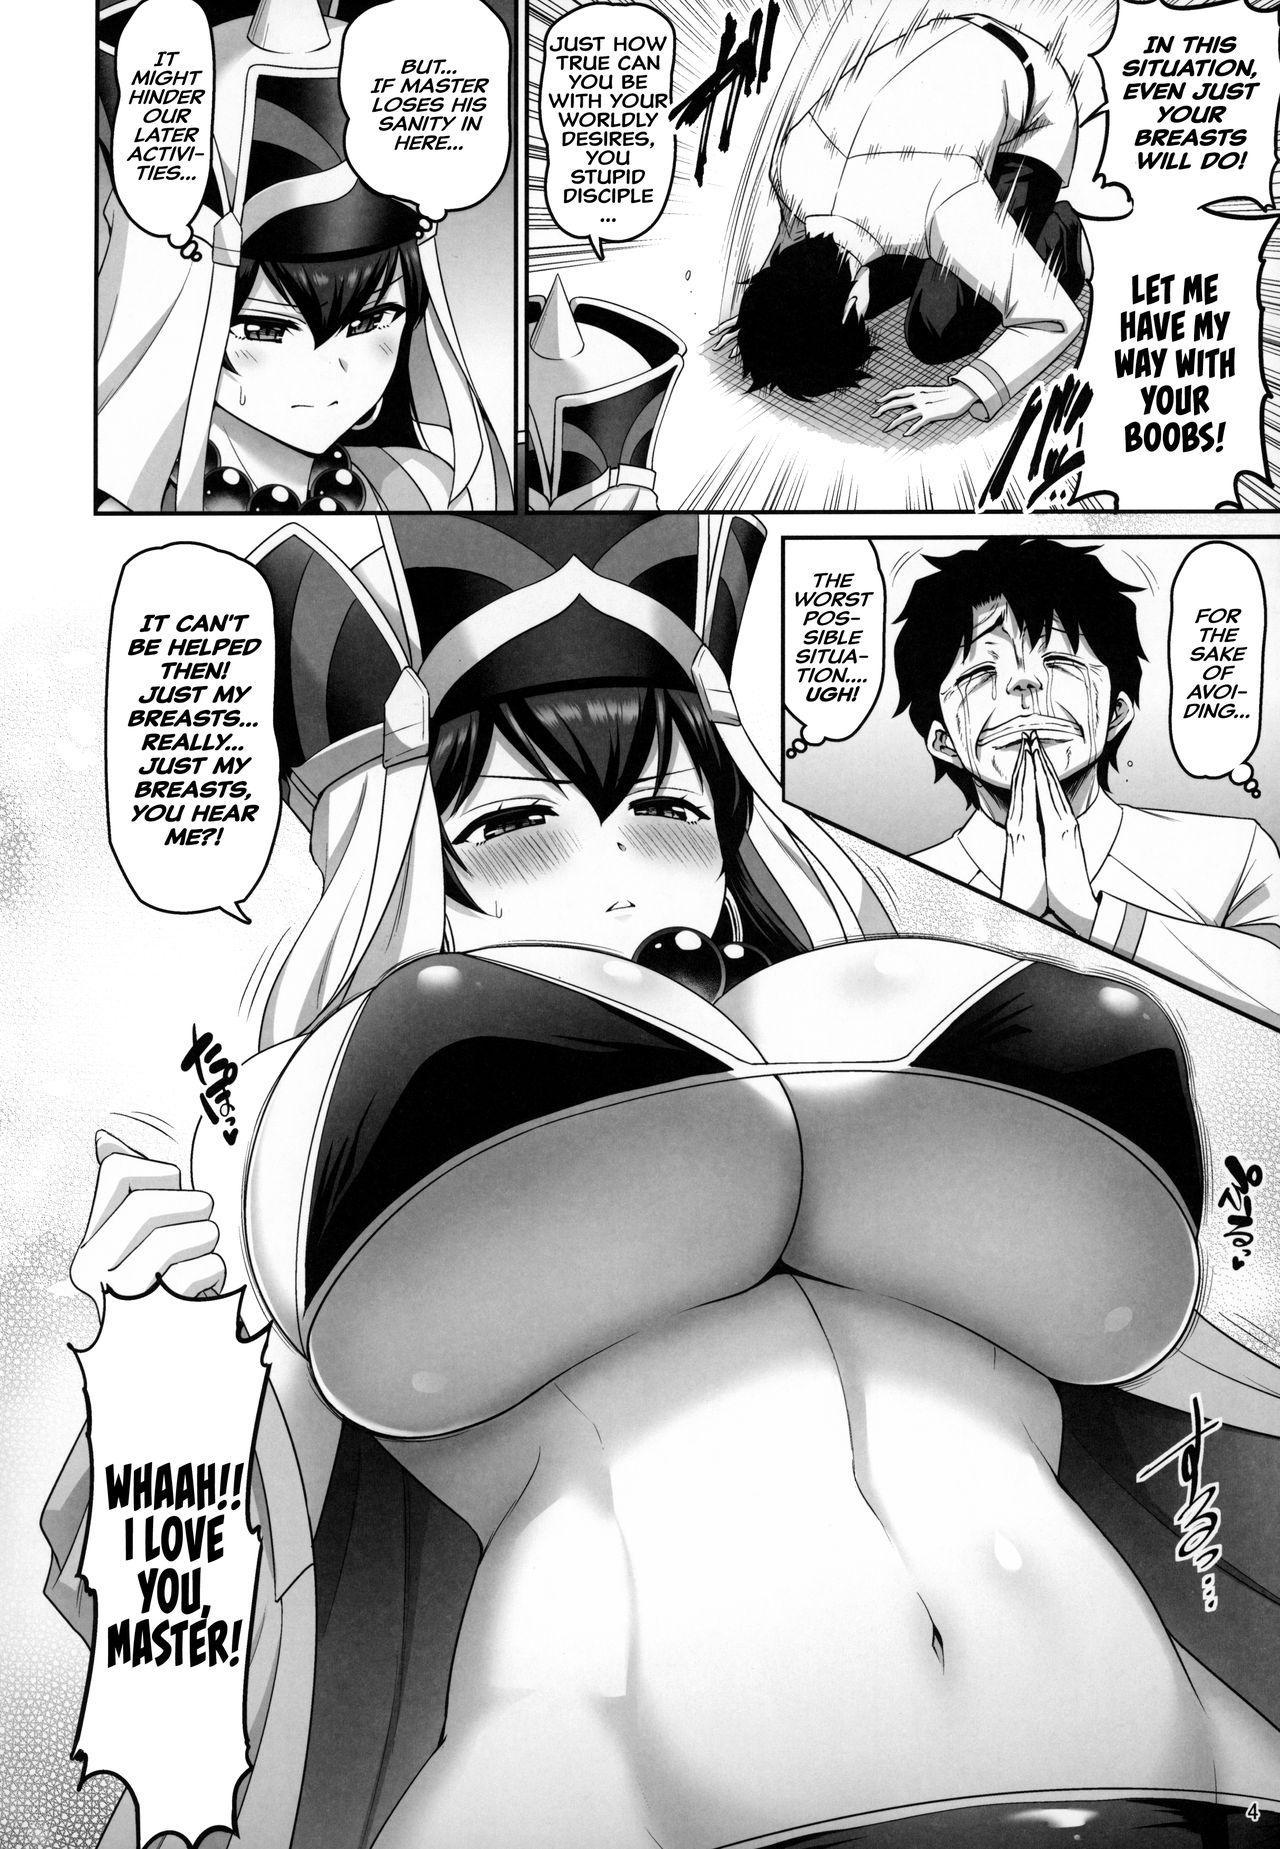 (C96) [Urasazan (Minamino Sazan)] Sanzou-chan no Chichi o Okashimakuru Hon   A Book Where Sanzou-chan's Tits Are Totally Violated (Fate/Grand Order) [English] [Hive-san] 2